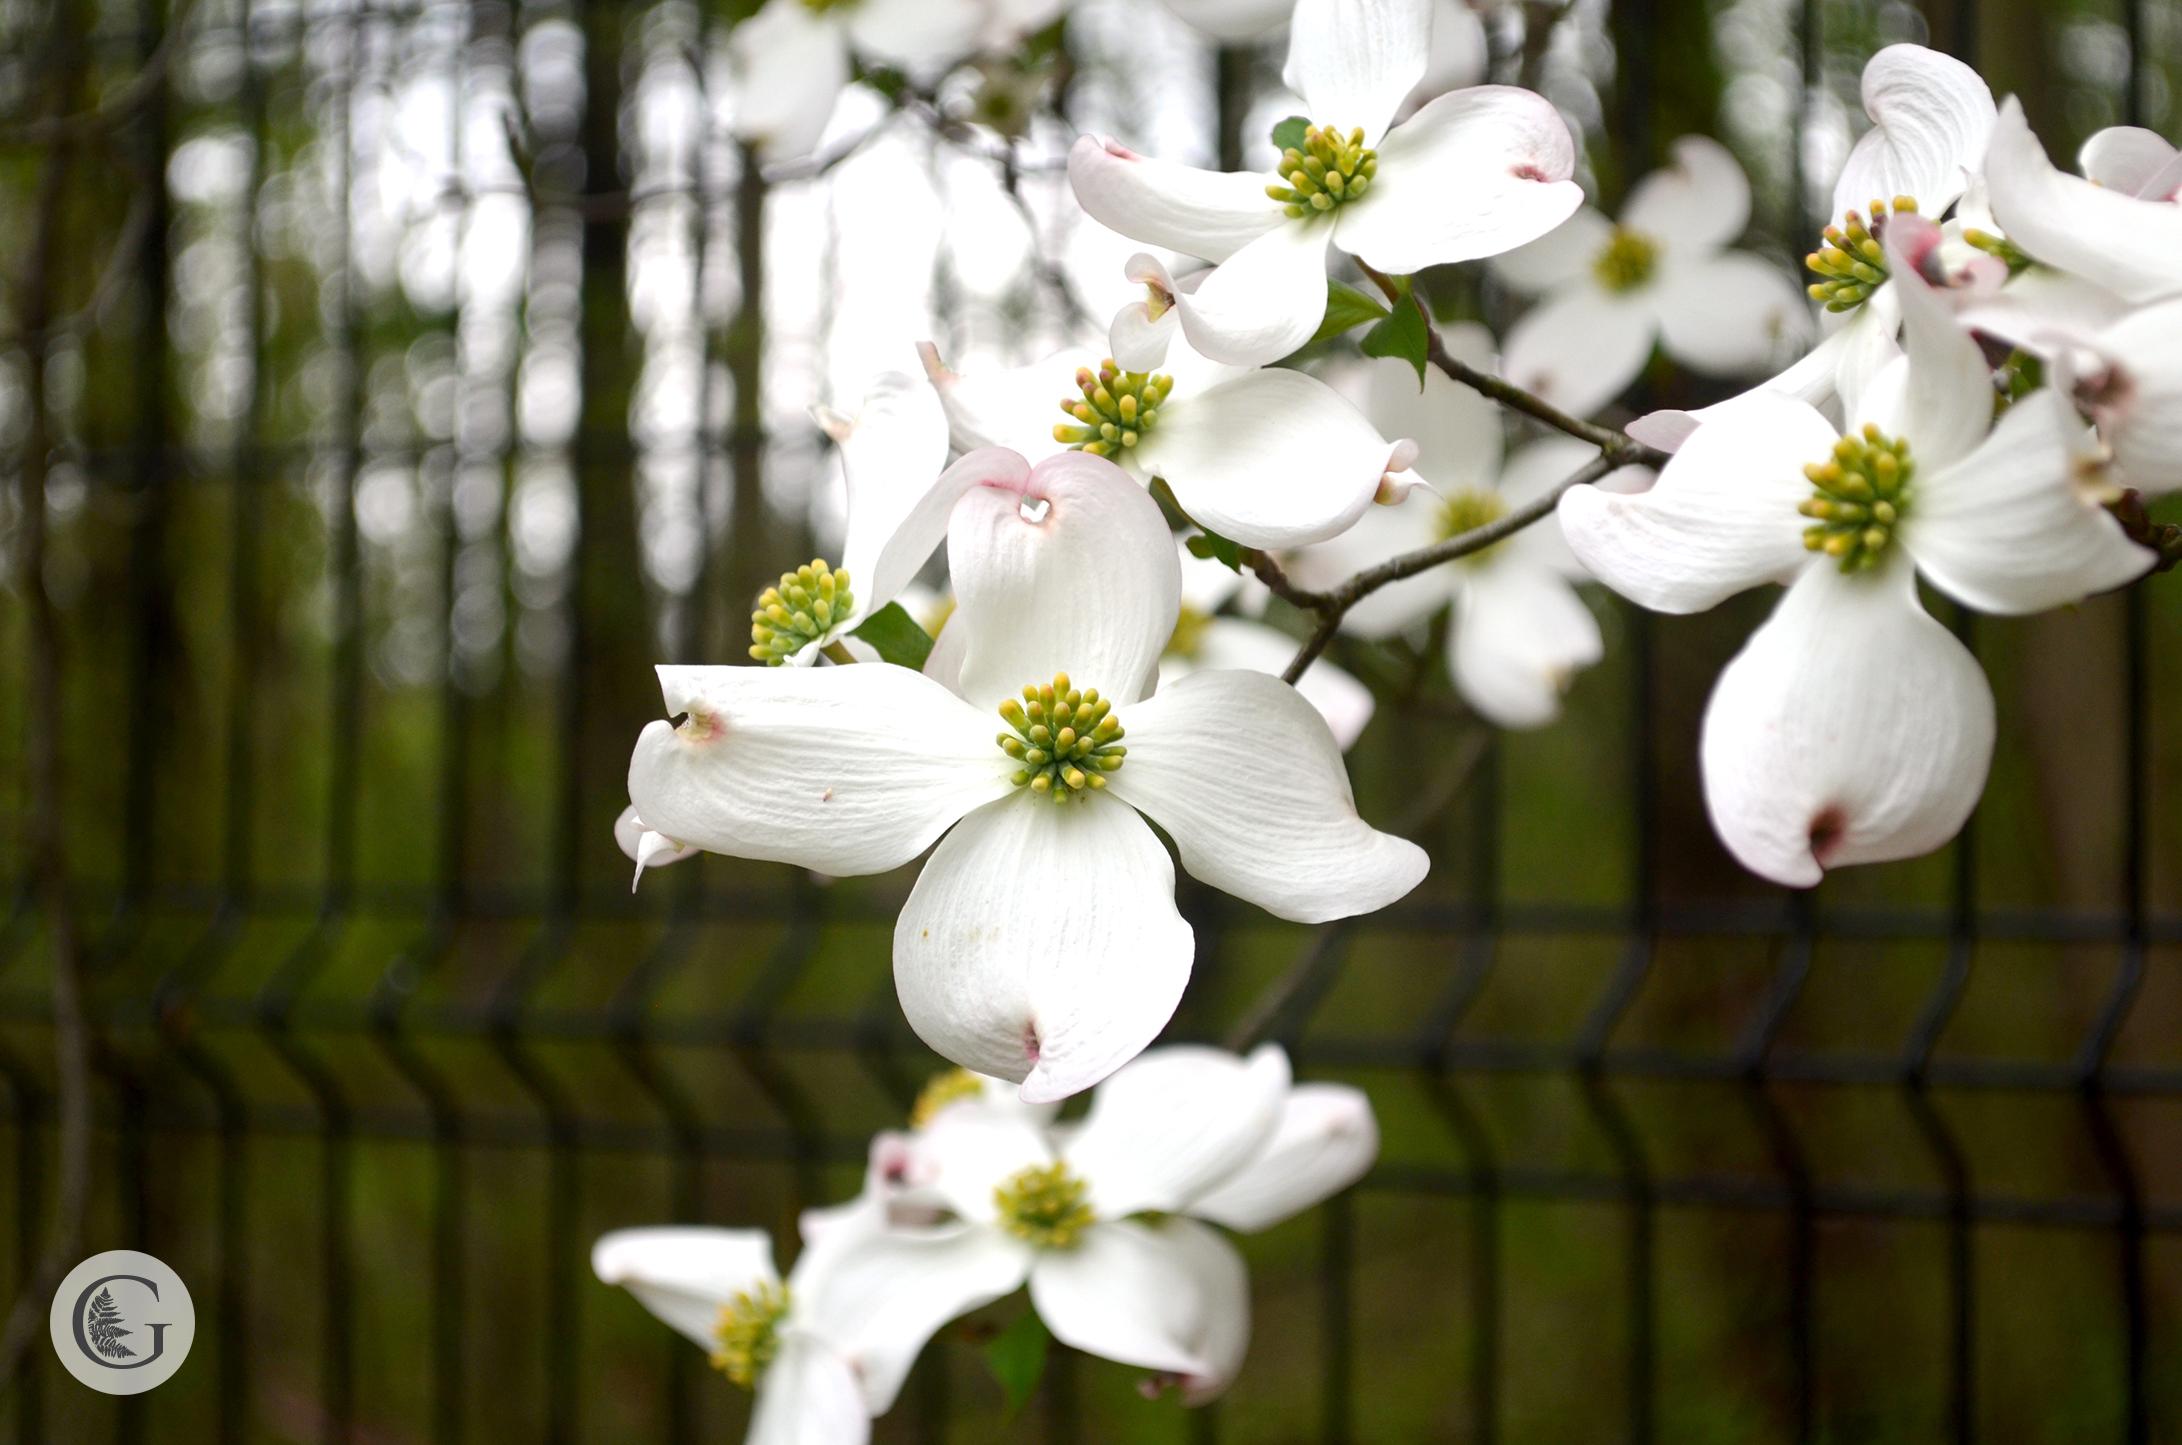 Dogwood-flower-3.jpg